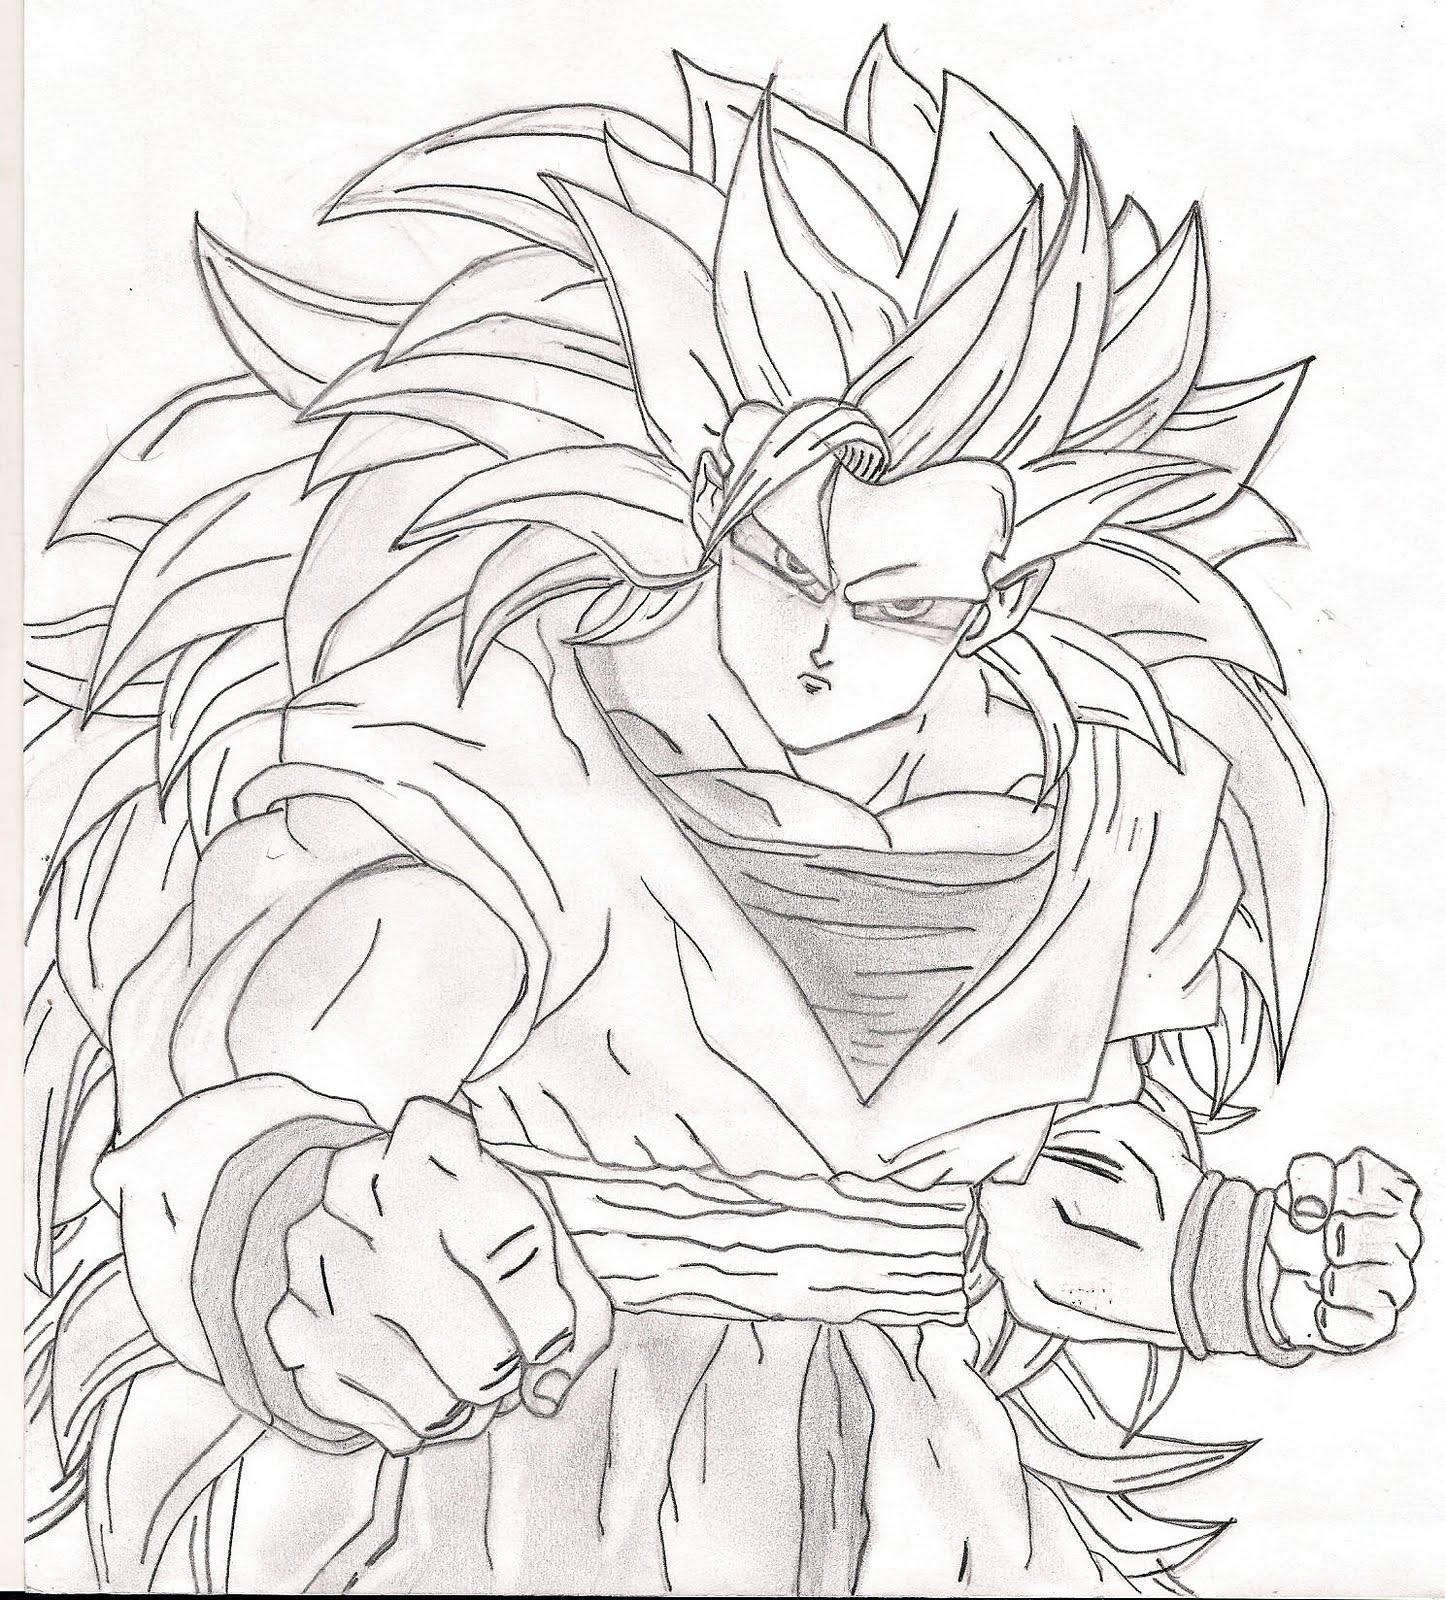 Inspirador Desenhos Para Colorir Do Dragon Ball Z Goku Ssj4